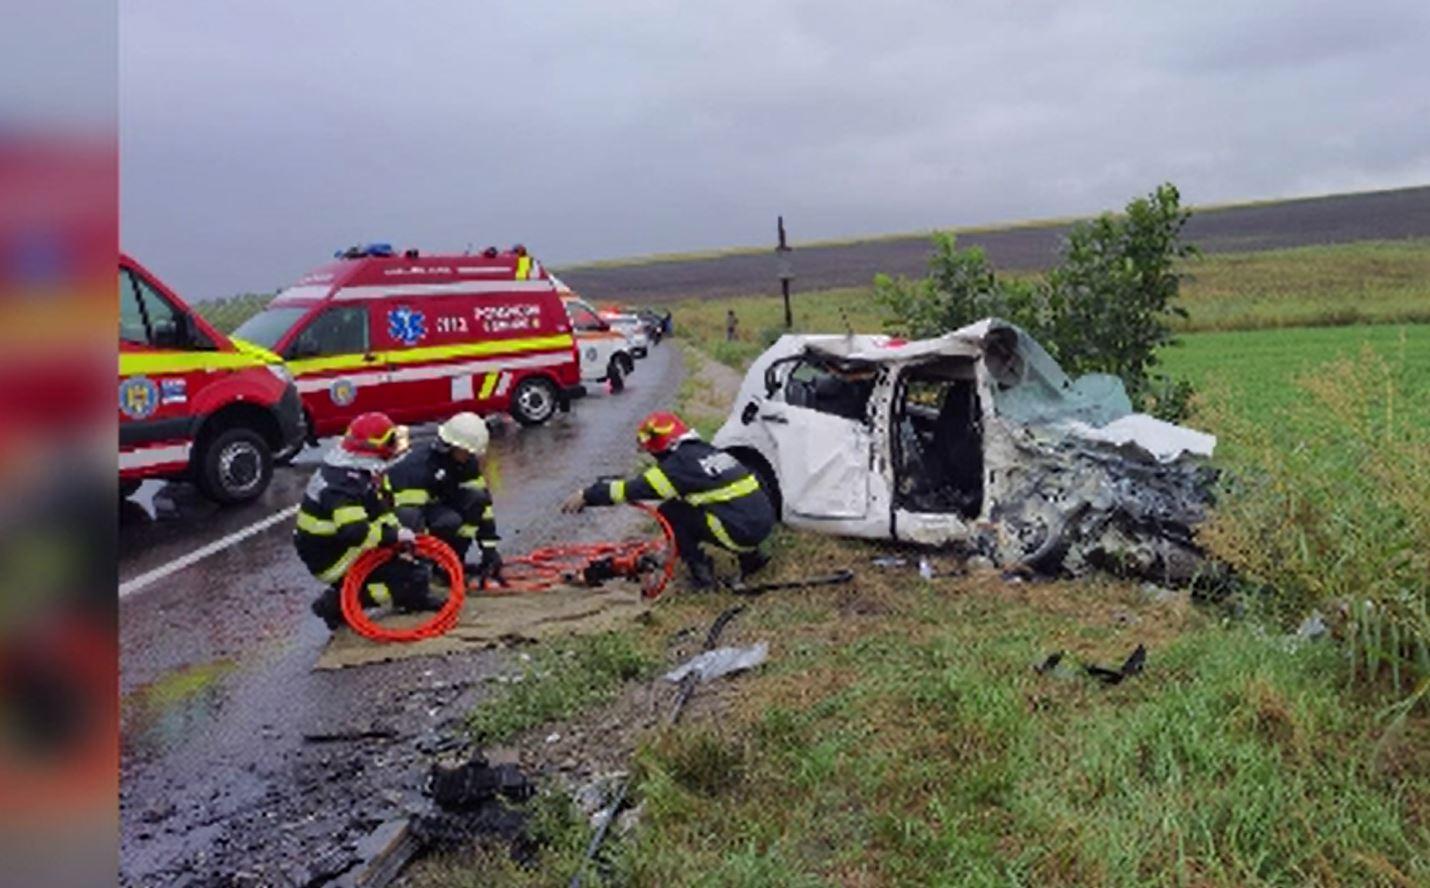 Scene cumplite în Iași, în urma unui accident violent. Doi oameni au murit și alți opt au suferit răni grave